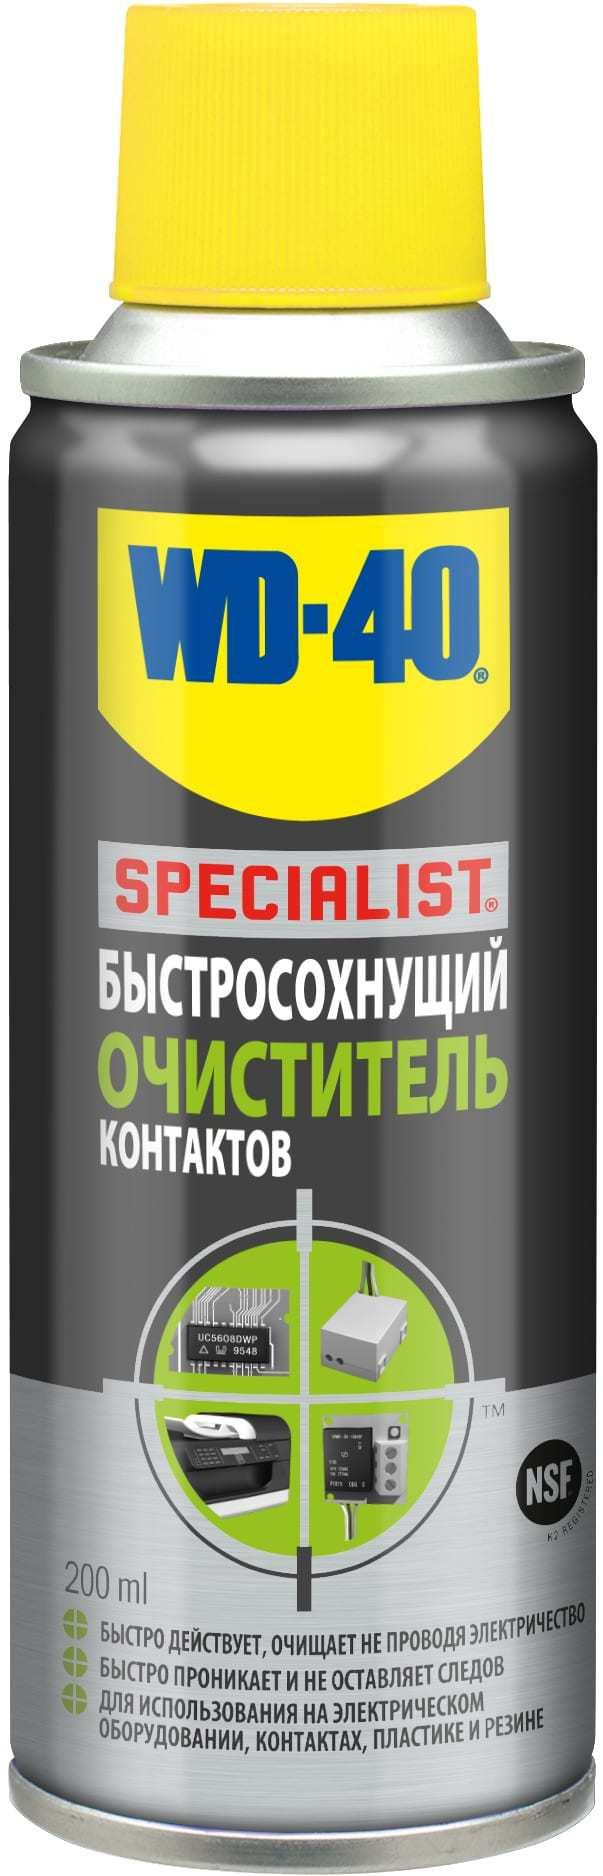 Очиститель контактов WD-40 SPECIALIST